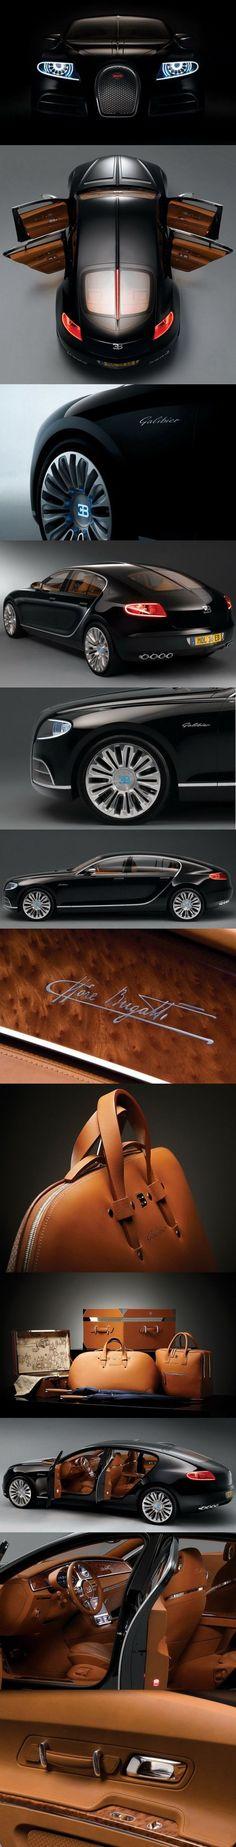 Best Dubai Luxury And Sports Cars In Dubai  :   Illustration   Description   Bugatti 16C Galibier     – Read More –